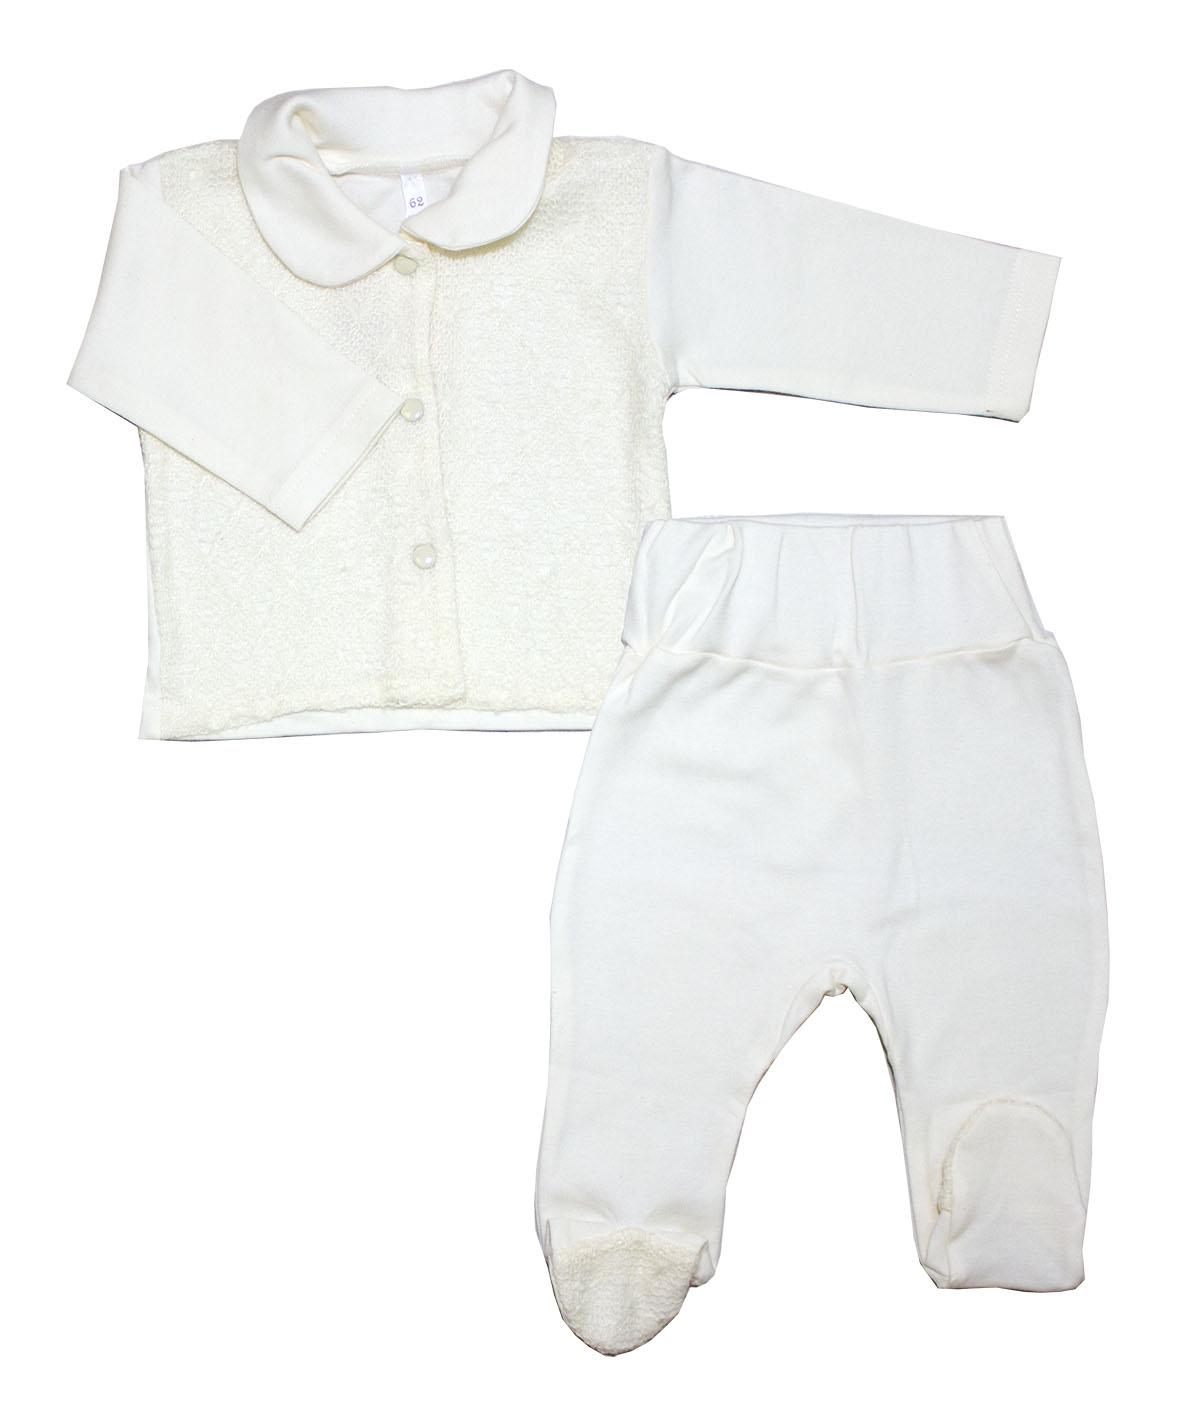 Комплект одежды Осьминожка бежевый р.80